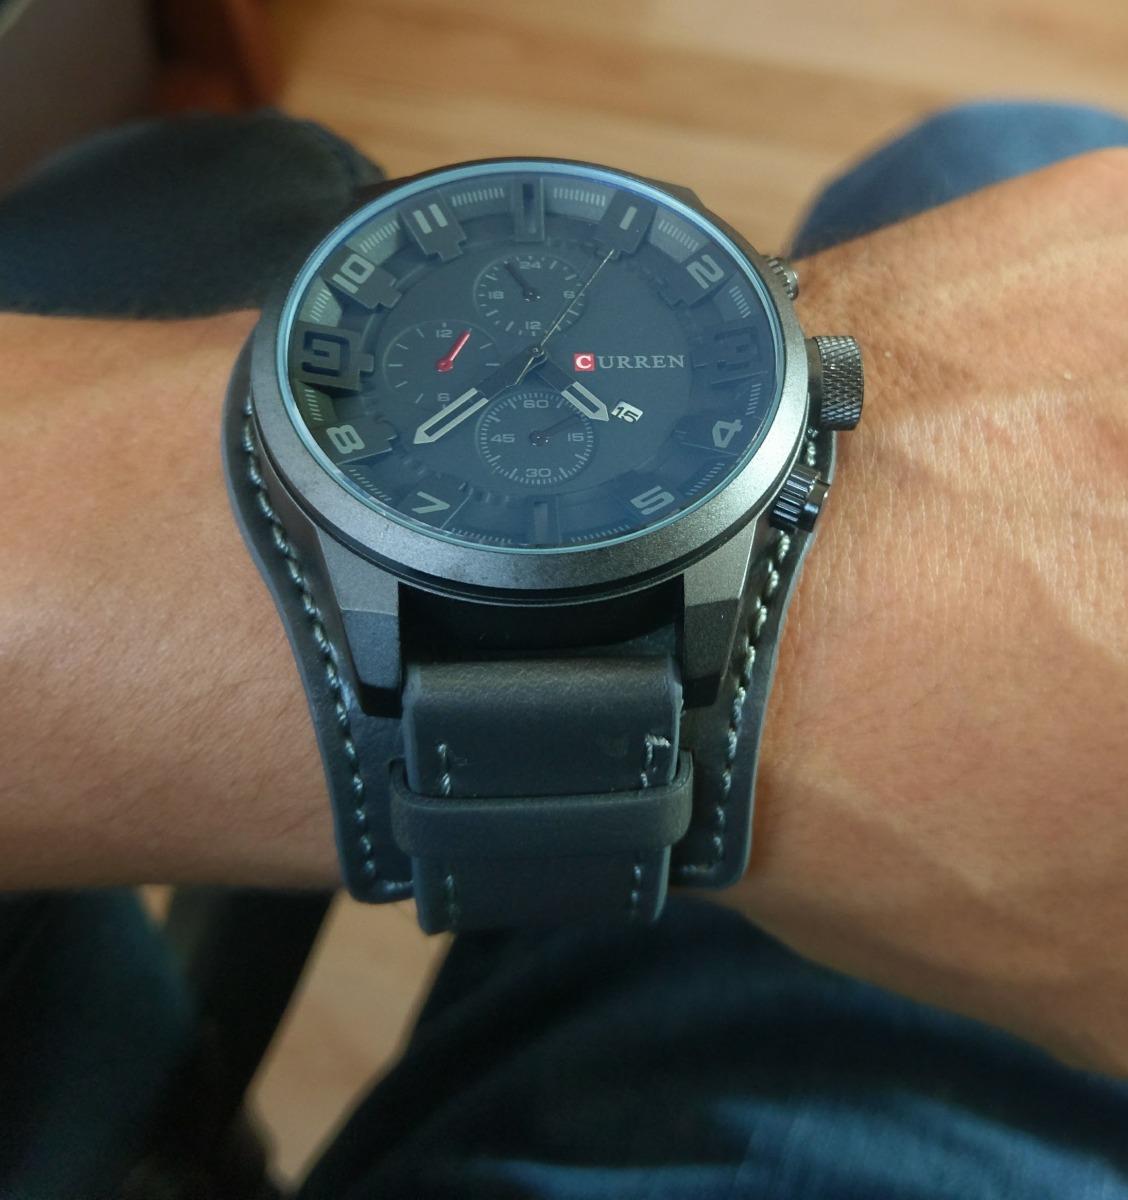 reloj militar moderno hombre analogo current envio gratis. Cargando zoom. fd43d3b66076